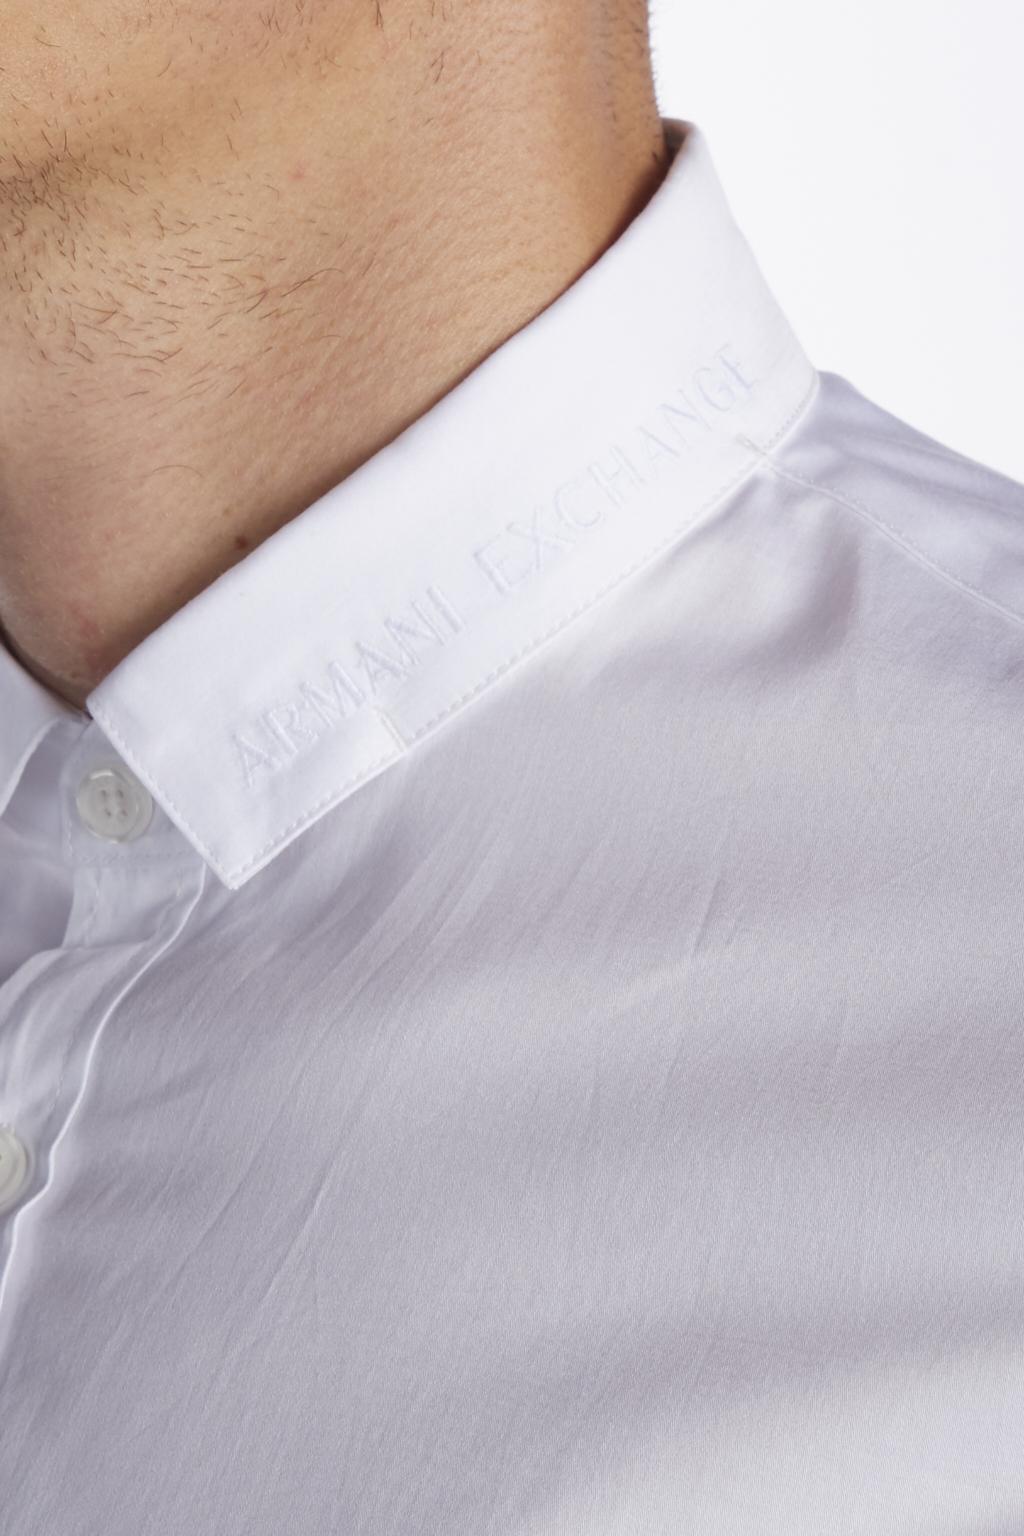 Camicia uomo ARMANI EXCHANGE basica